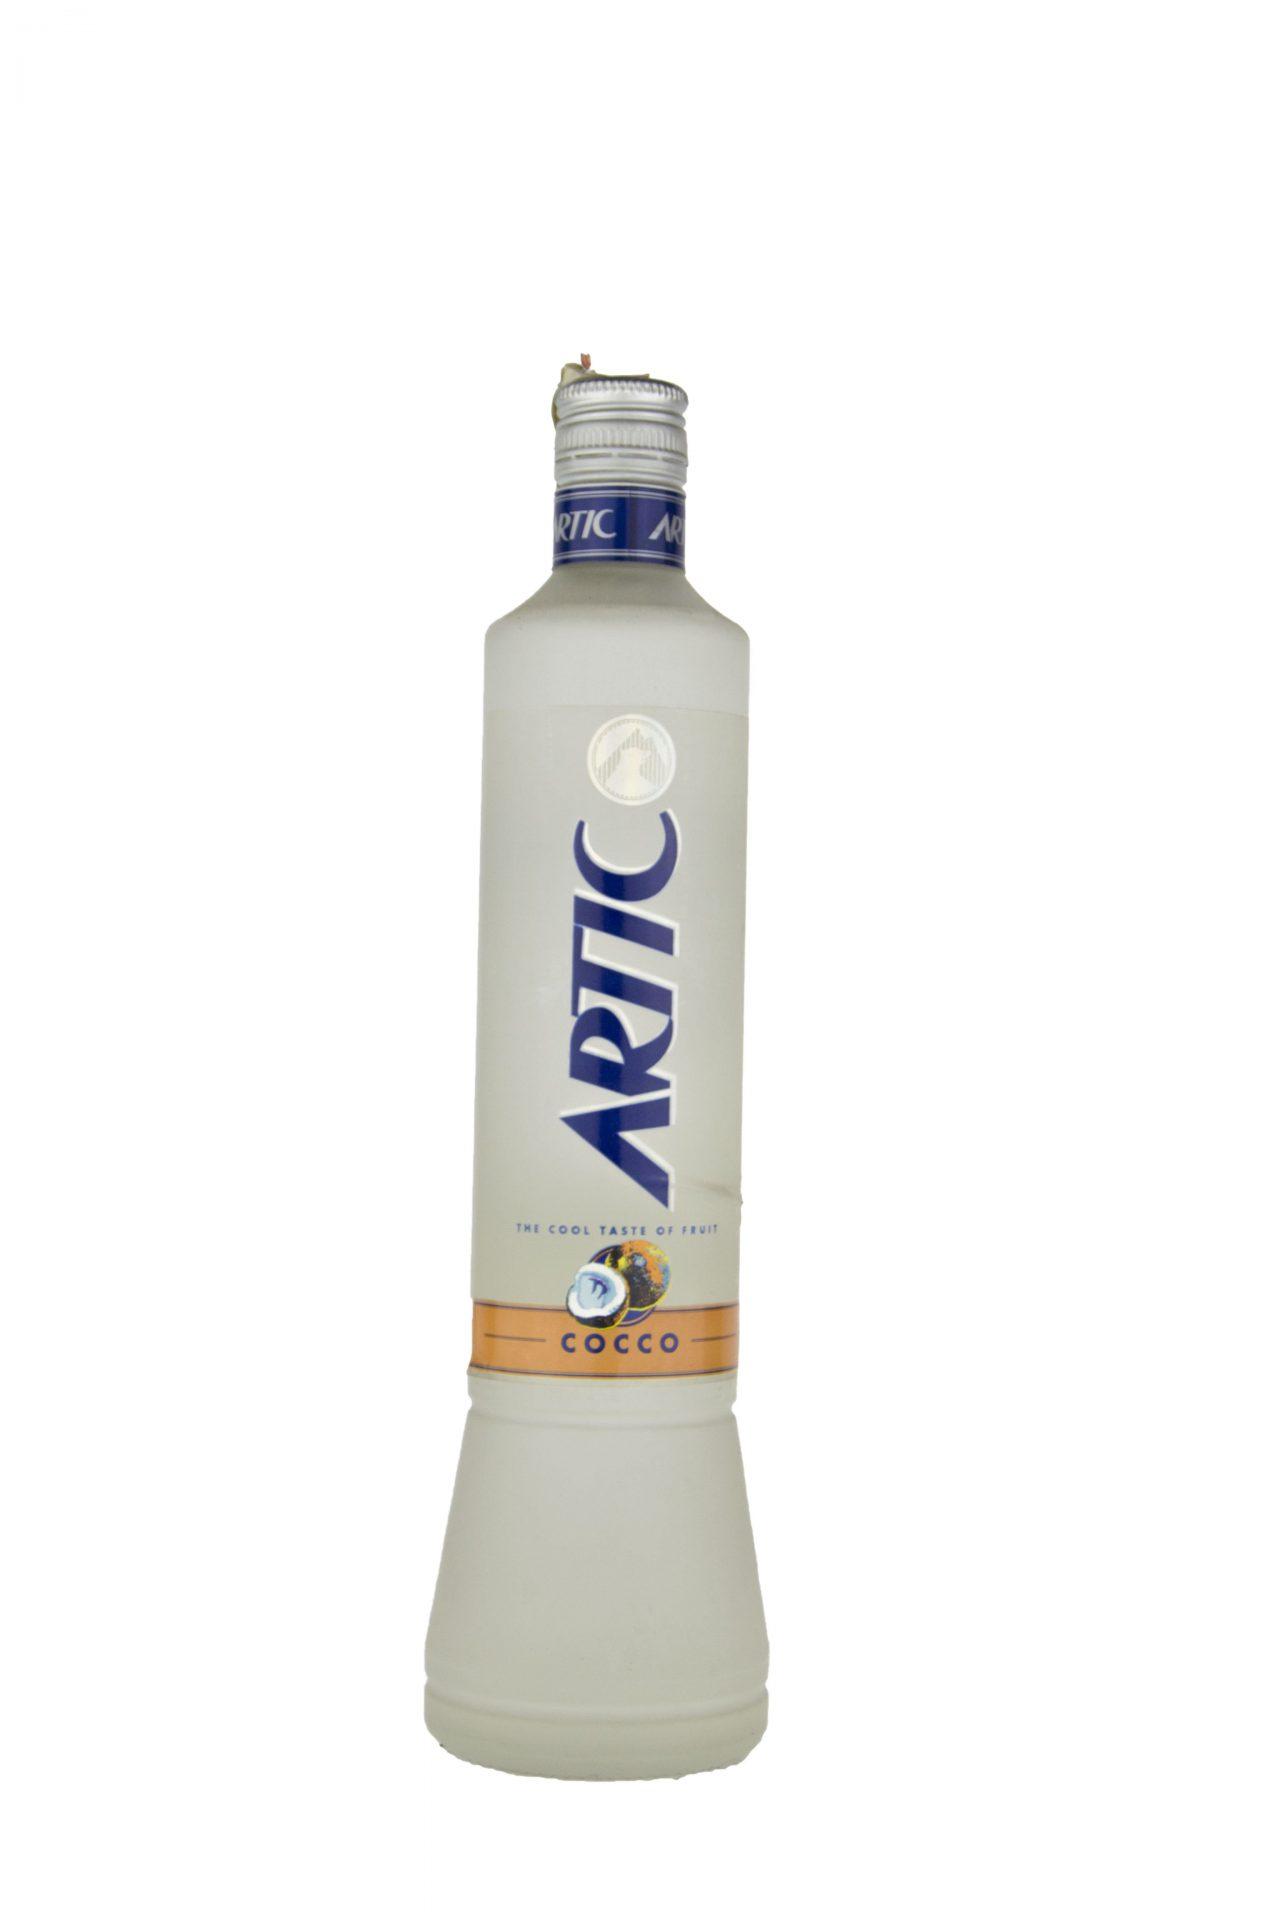 Artic – Vodka & Cocco